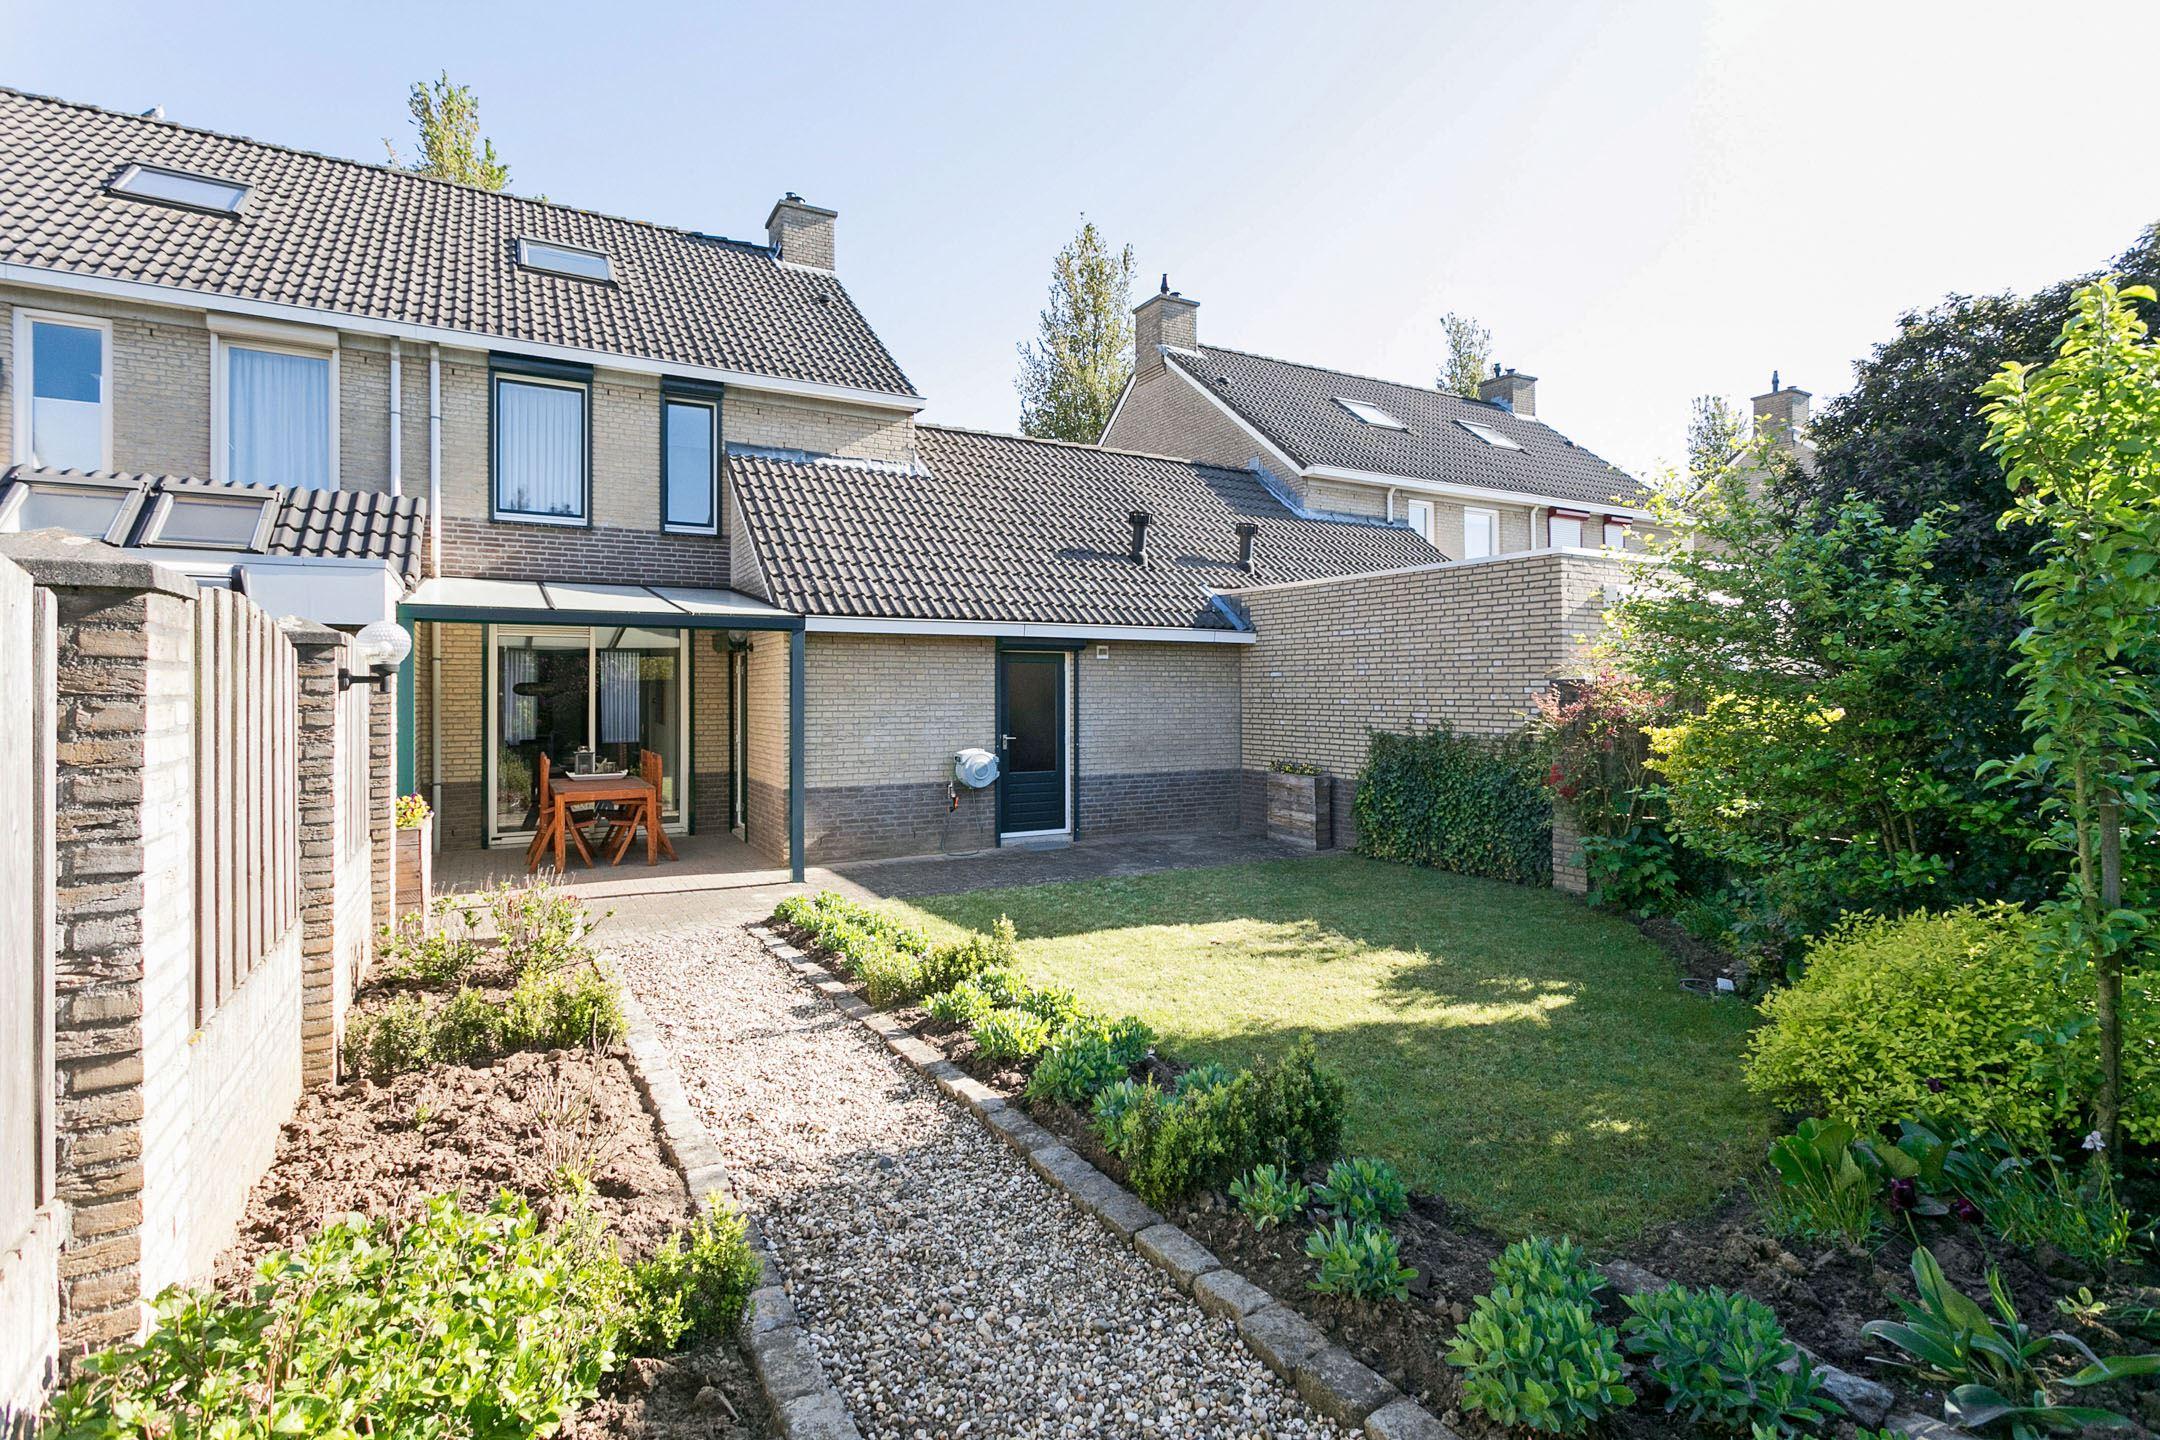 Verkocht brededwarsstraat 36 6042 gh roermond funda for Huis tuin roermond